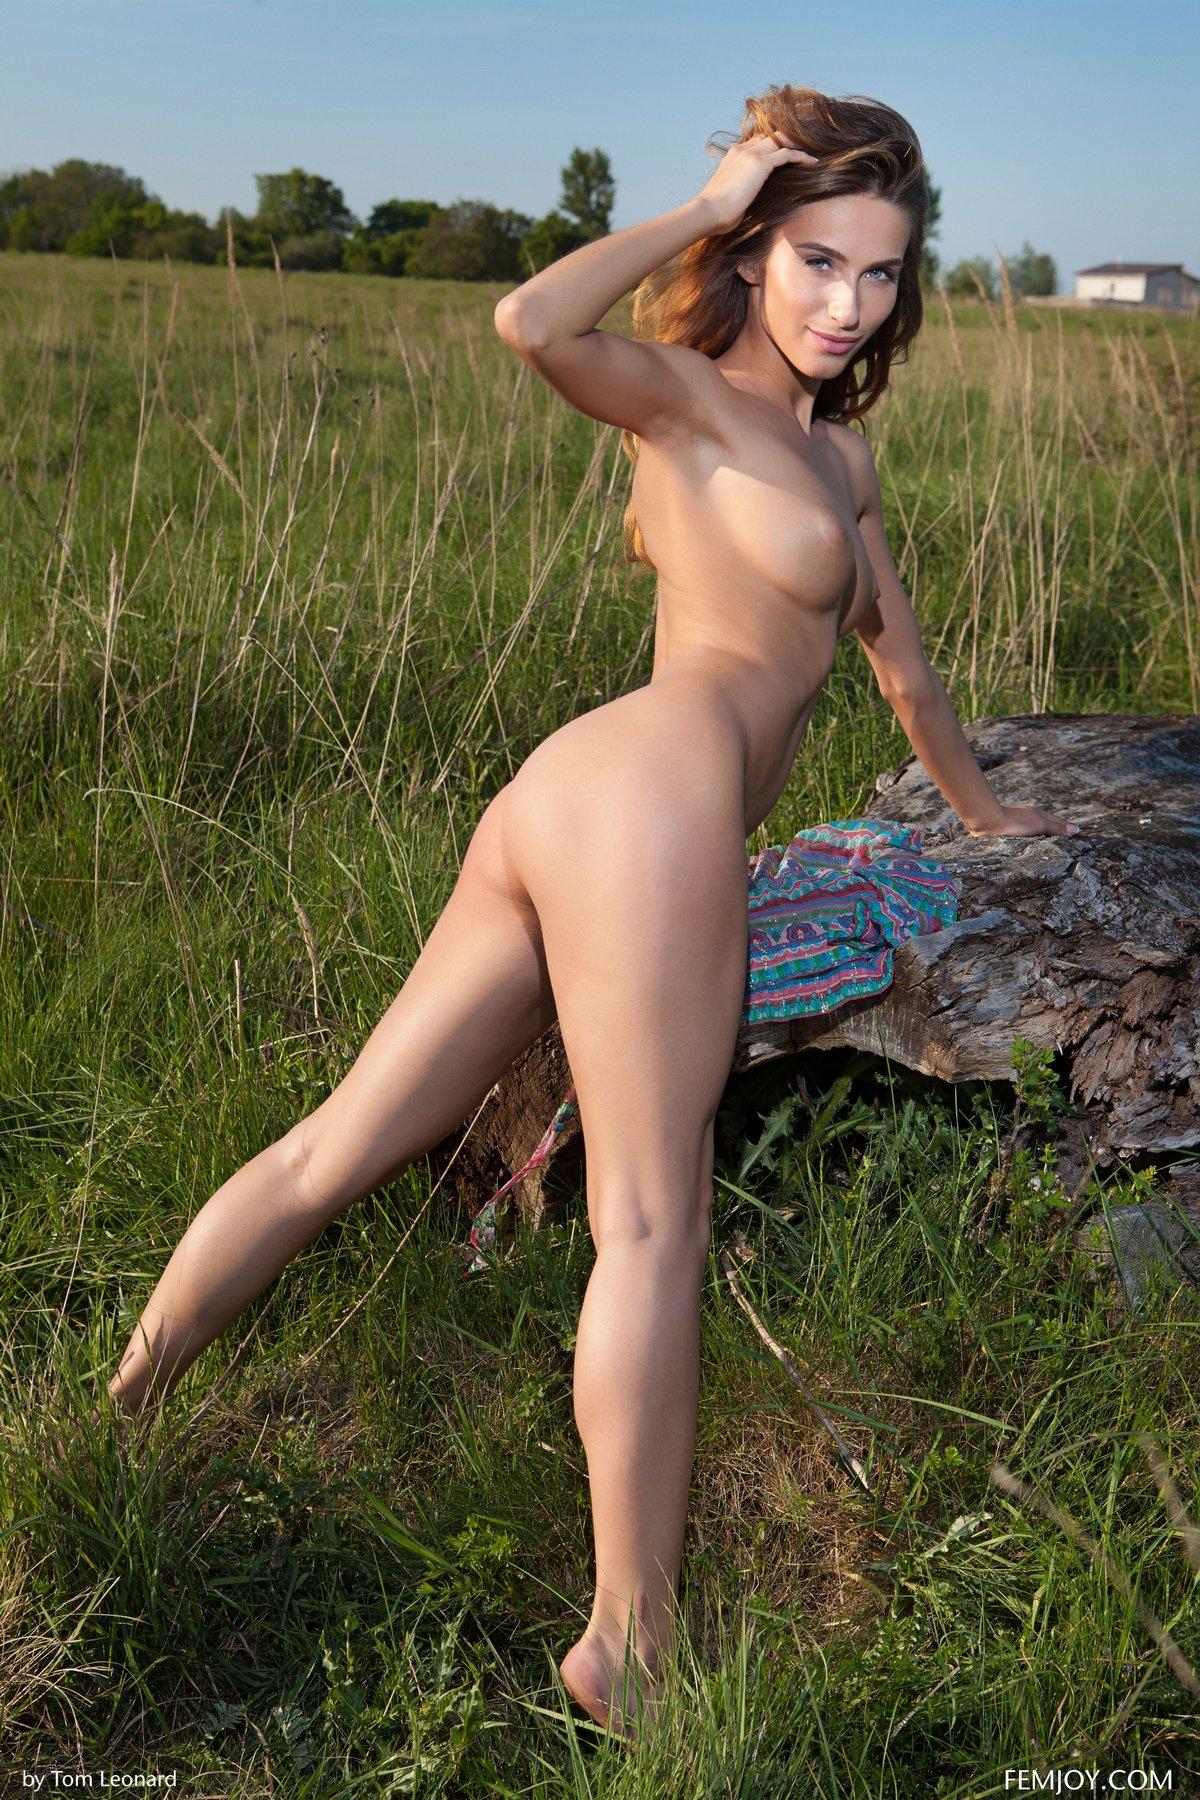 Голая девушка с красивым телом сидит на лугу